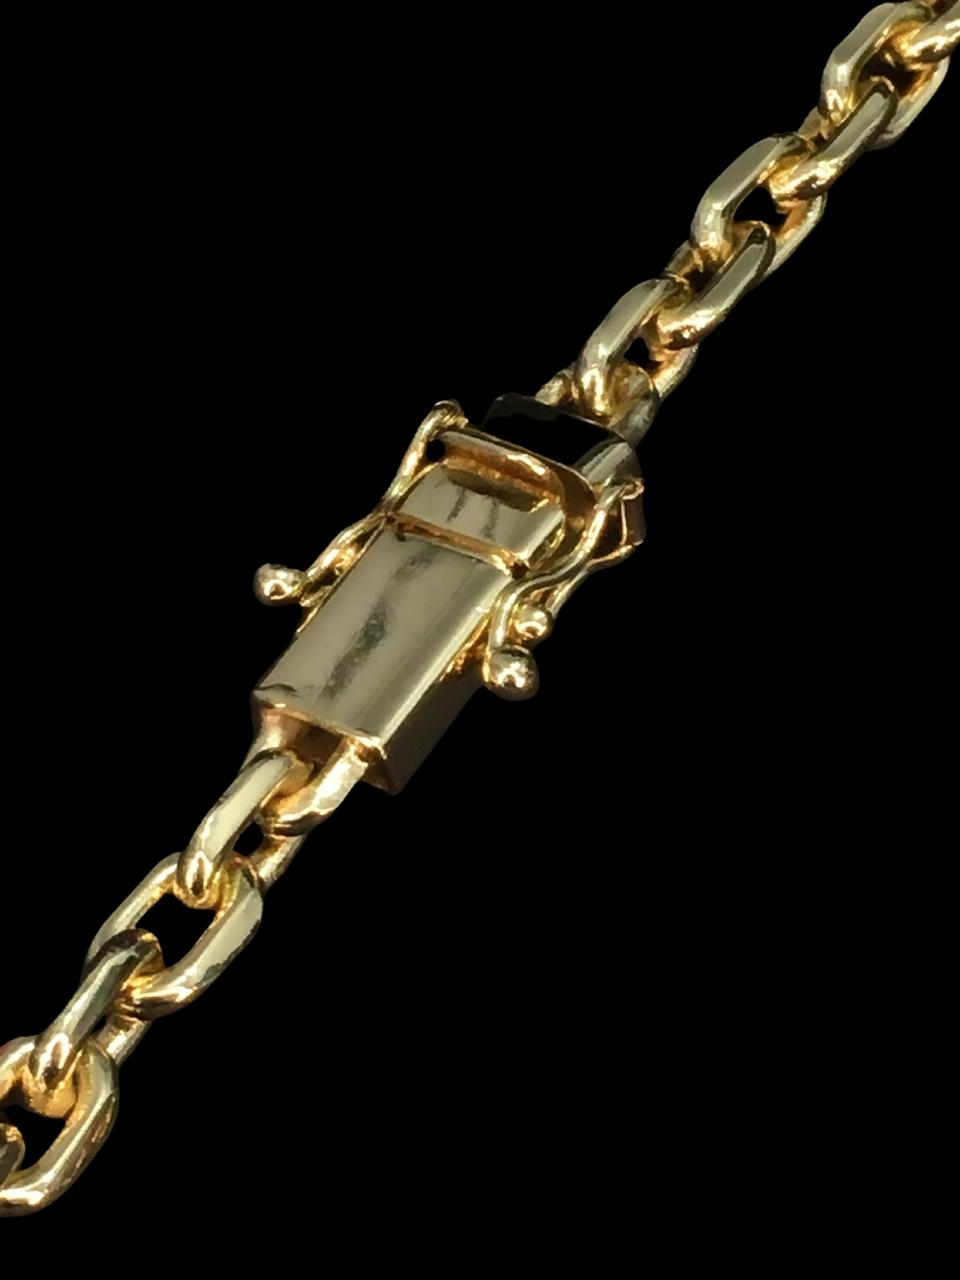 Corrente cartie -  7 milímetros - 70 Centímetros - fecho Gaveta trava dupla  - Banhado a ouro 18 k